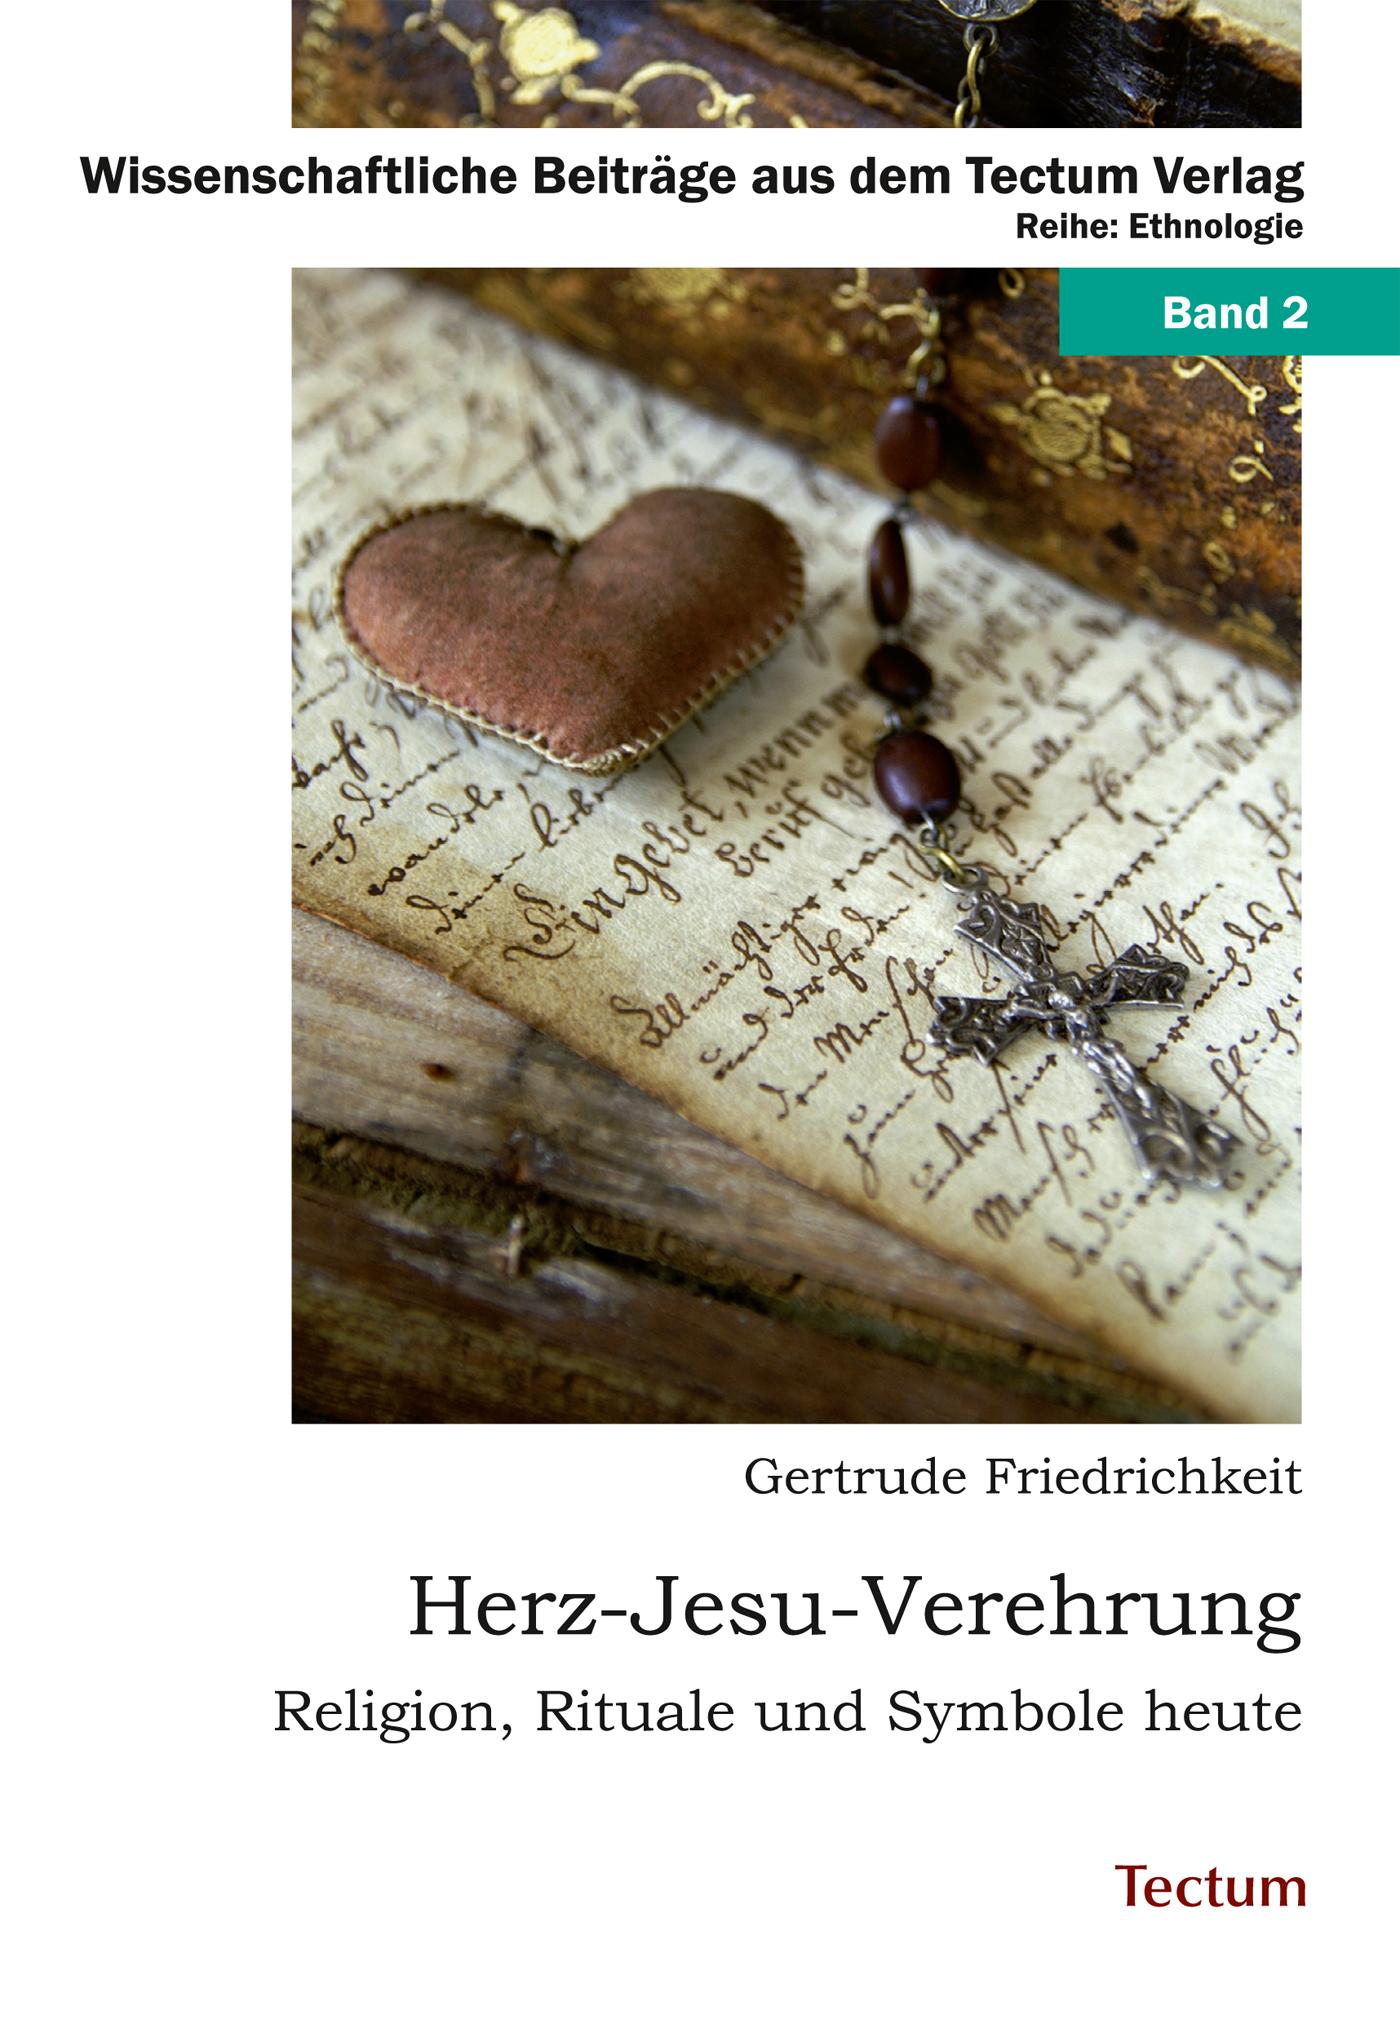 купить Gertrude Friedrichkeit Herz-Jesu-Verehrung дешево